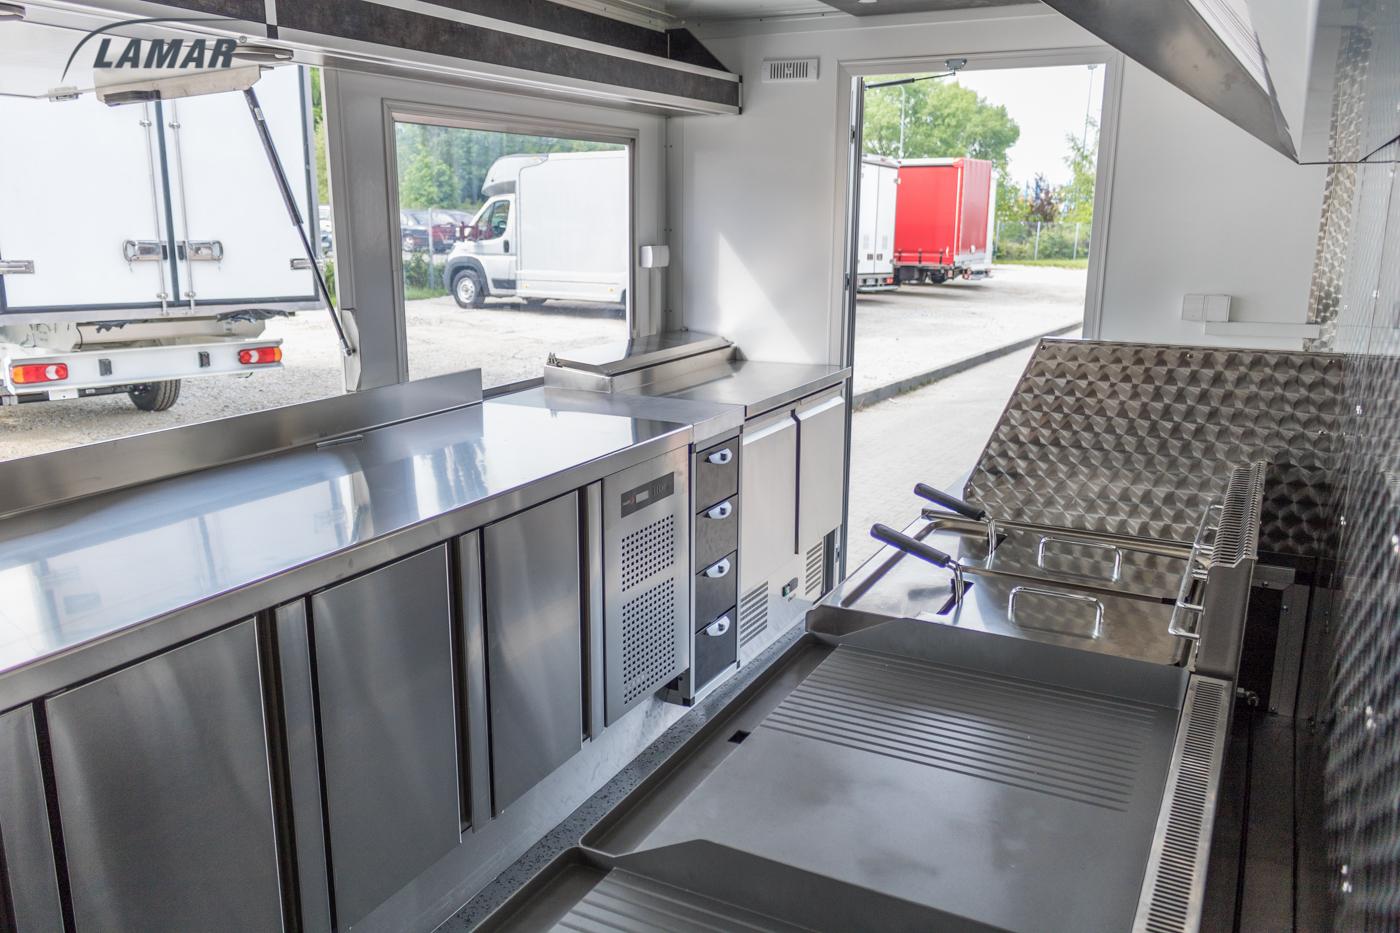 Food Truck Mobile Restaurant Lamar Lambox